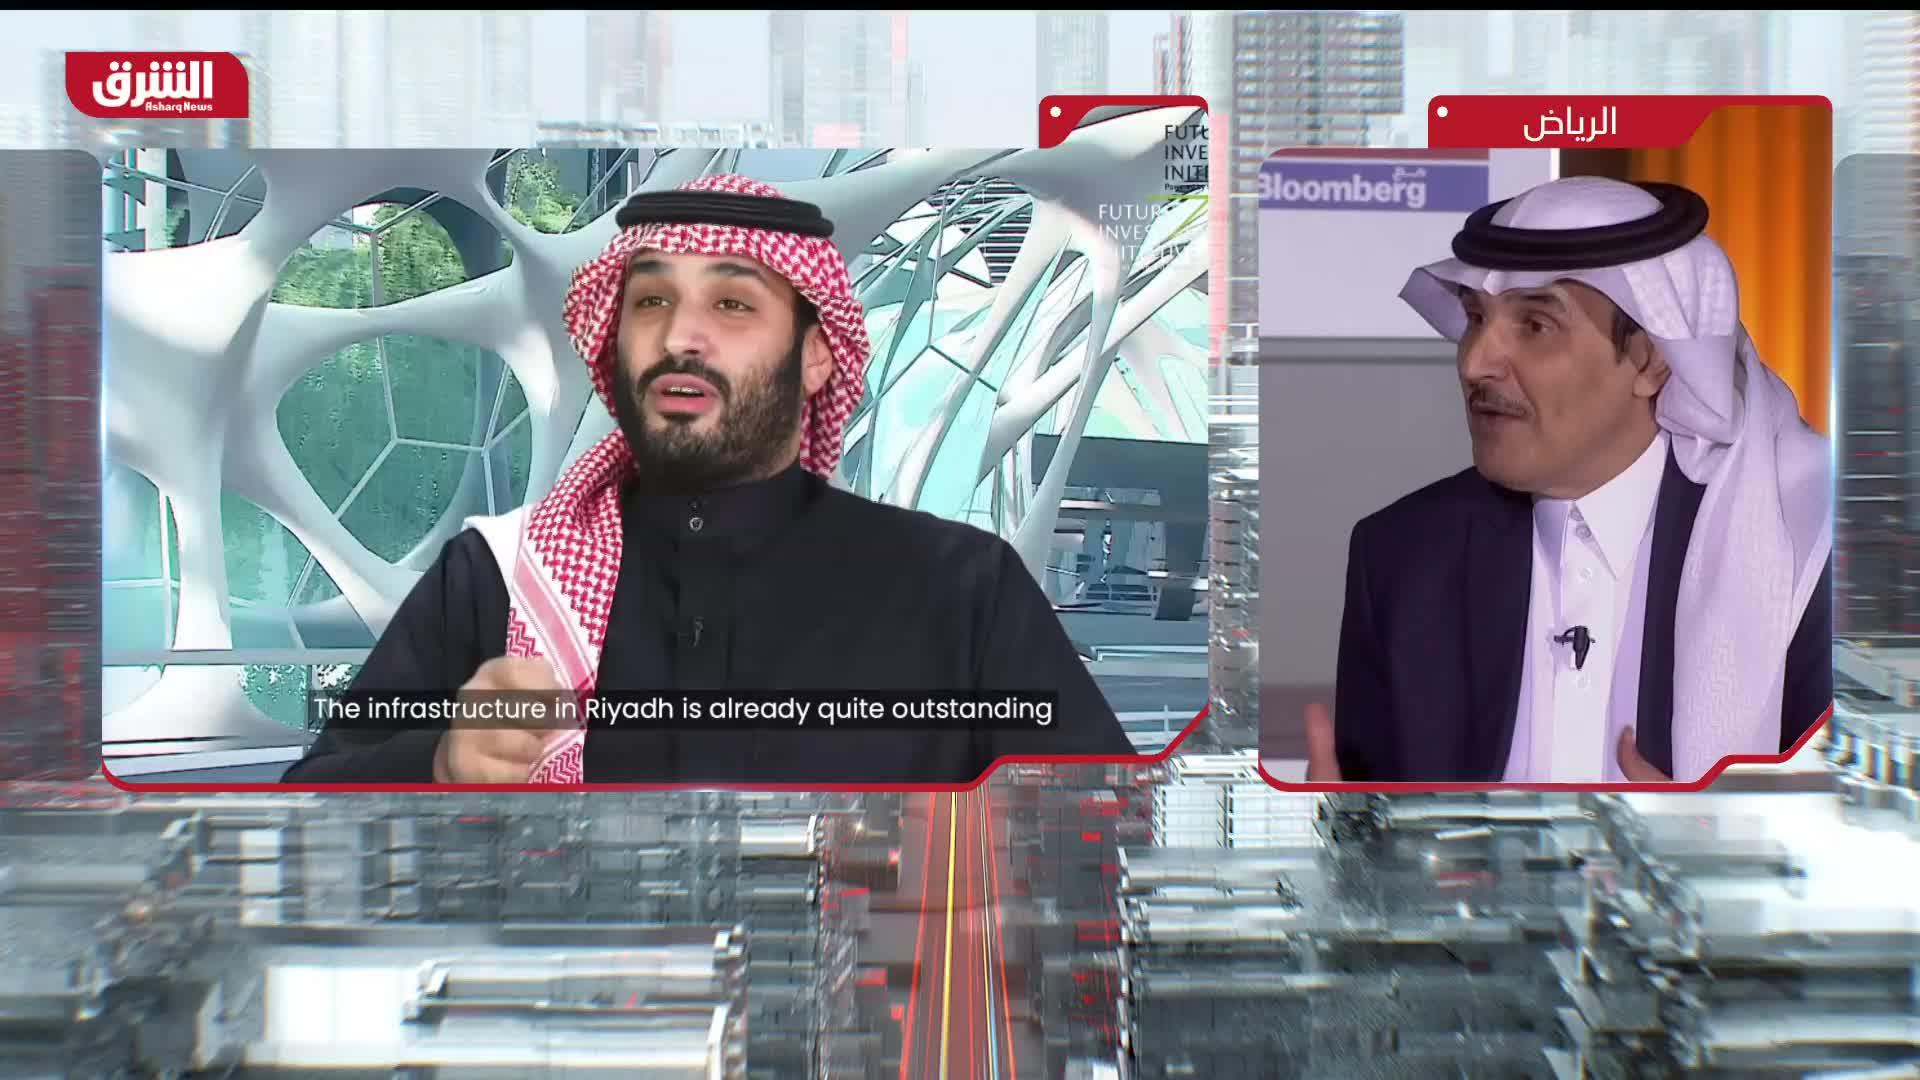 دلالة الإعلان عن رؤية مدينة الرياض في مبادرة مستقبل الاستثمار